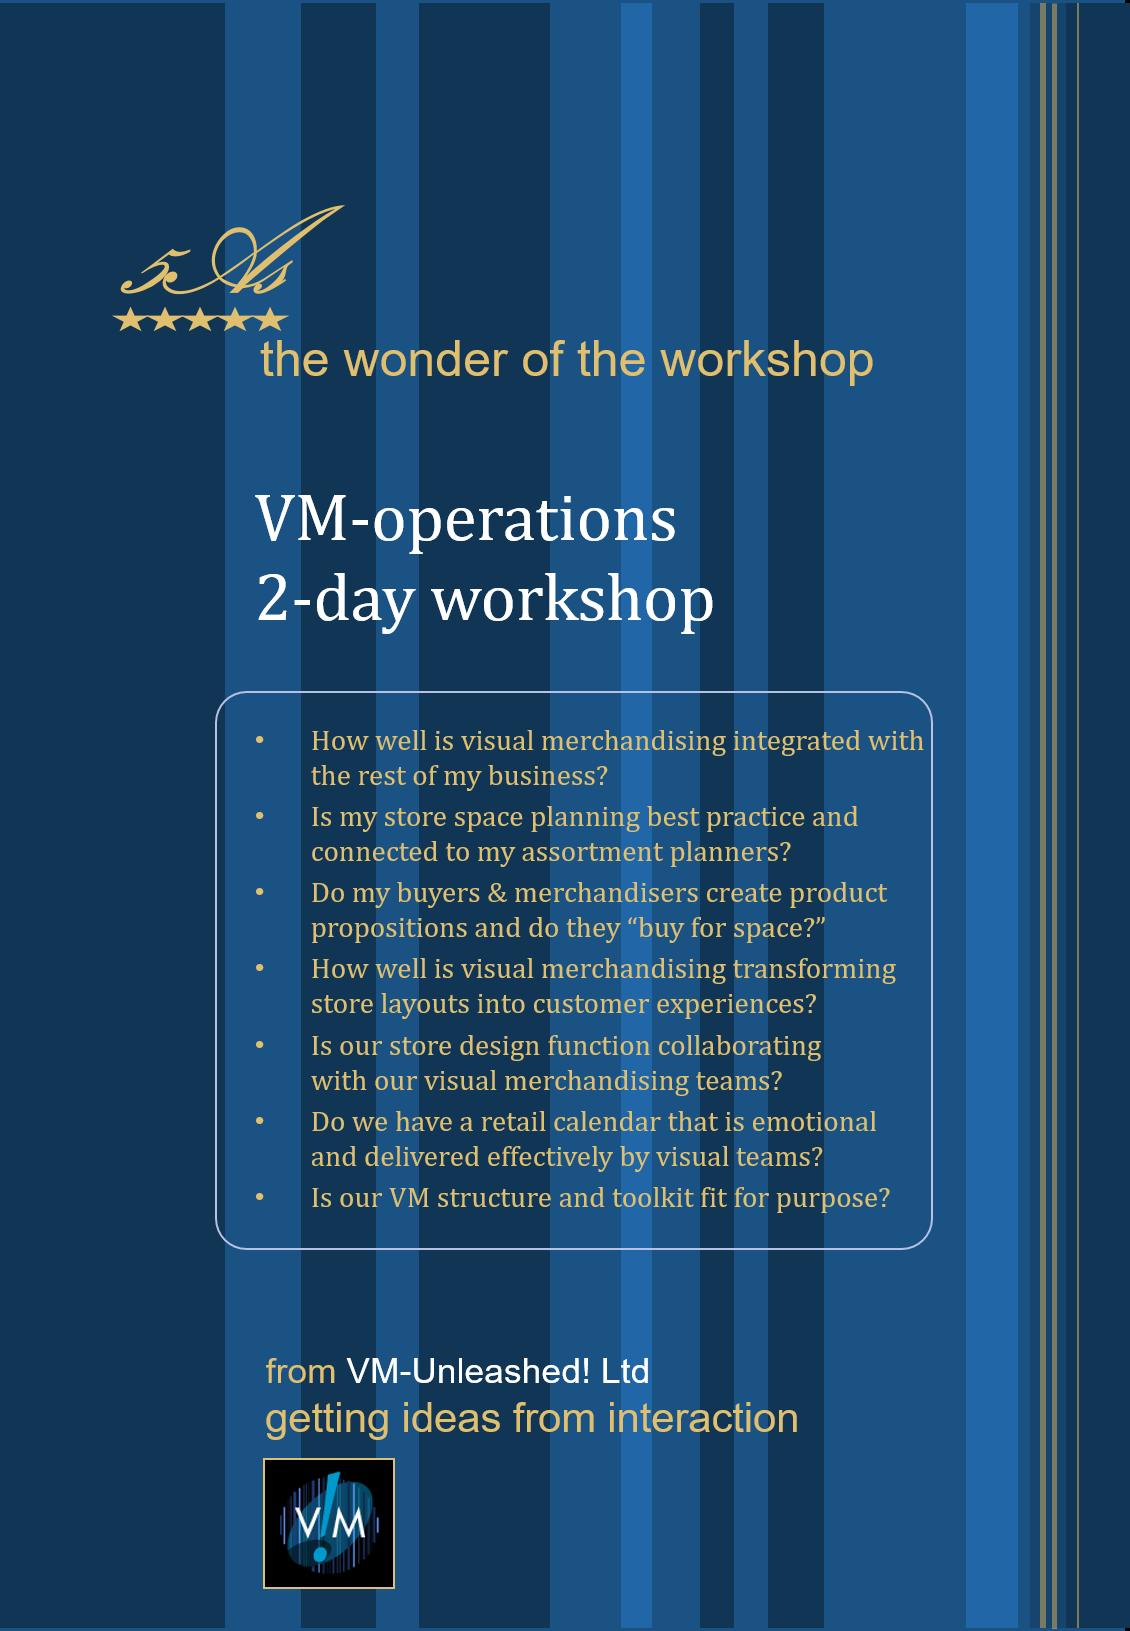 vm-unleashed-workshop-vm-operations